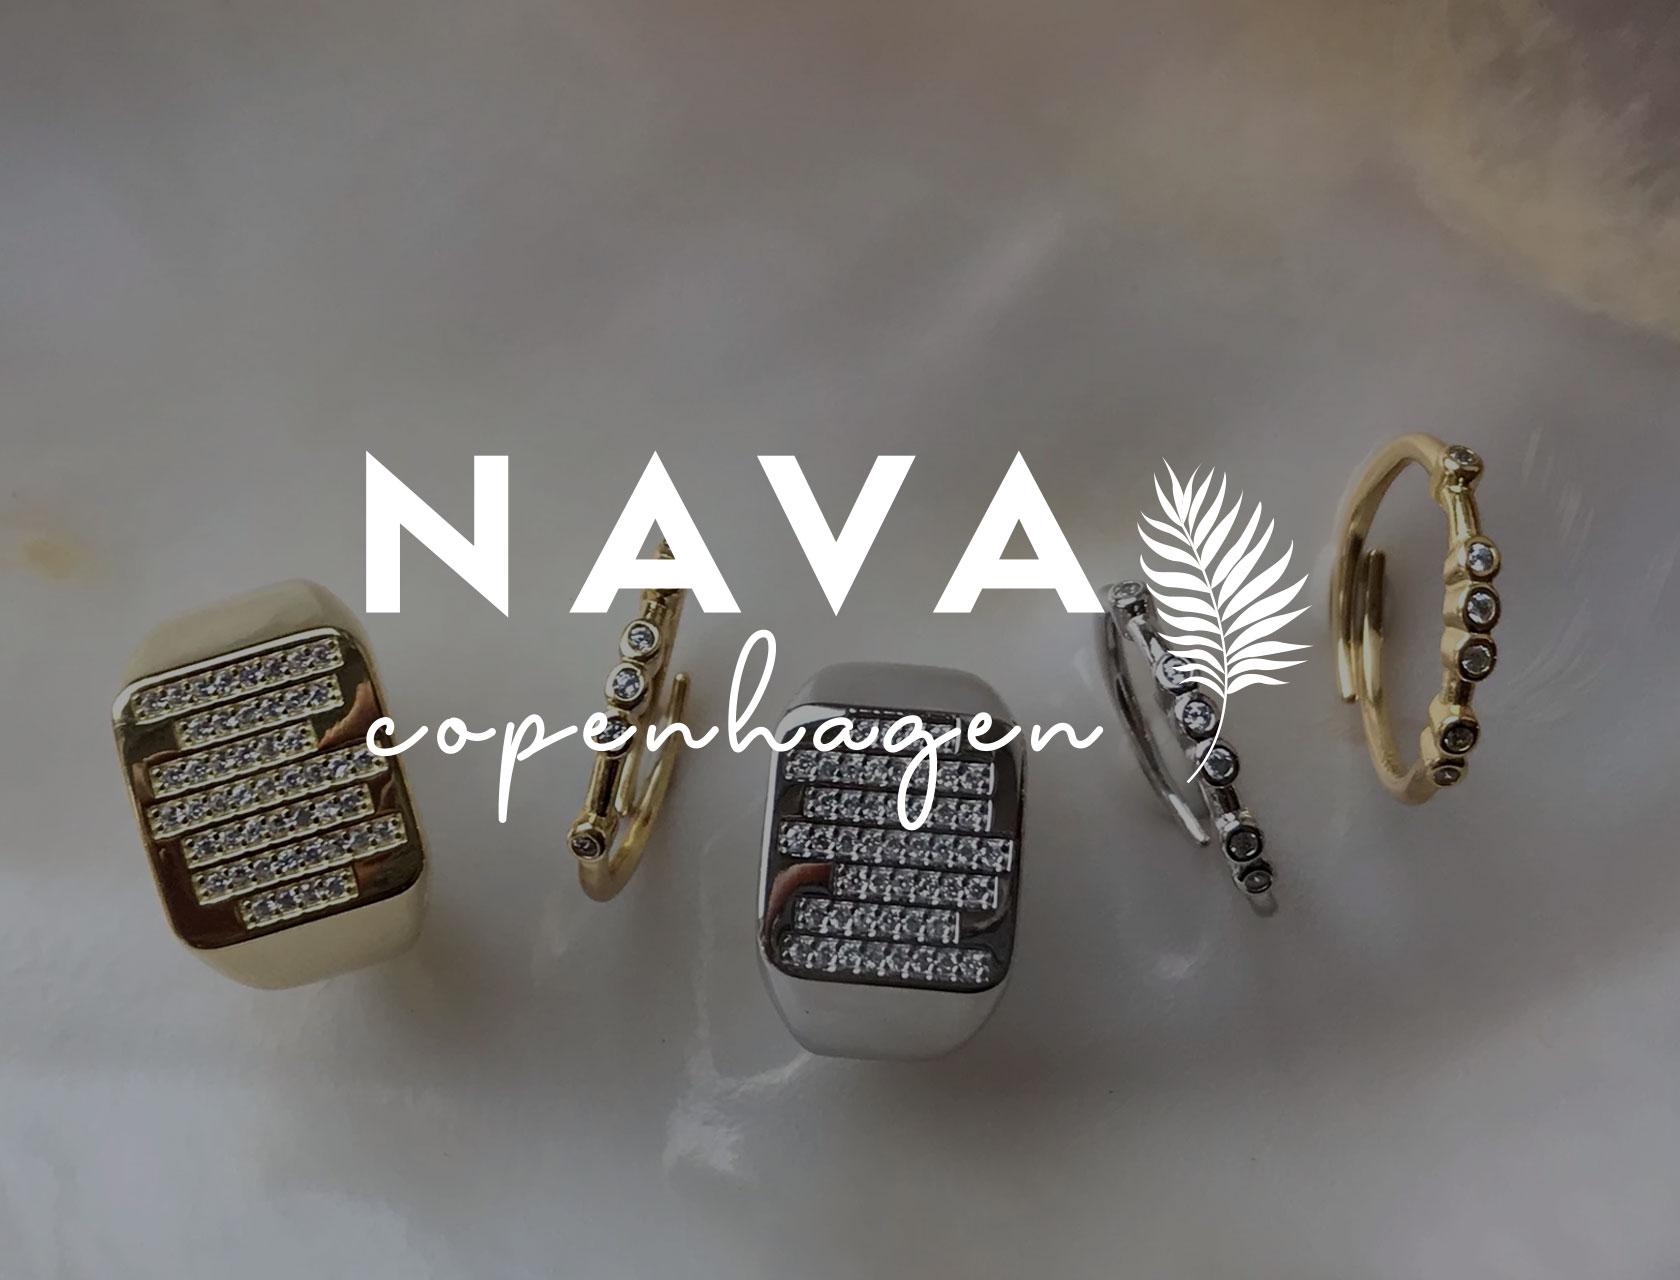 Nava Copenhagen smykker nyt logo